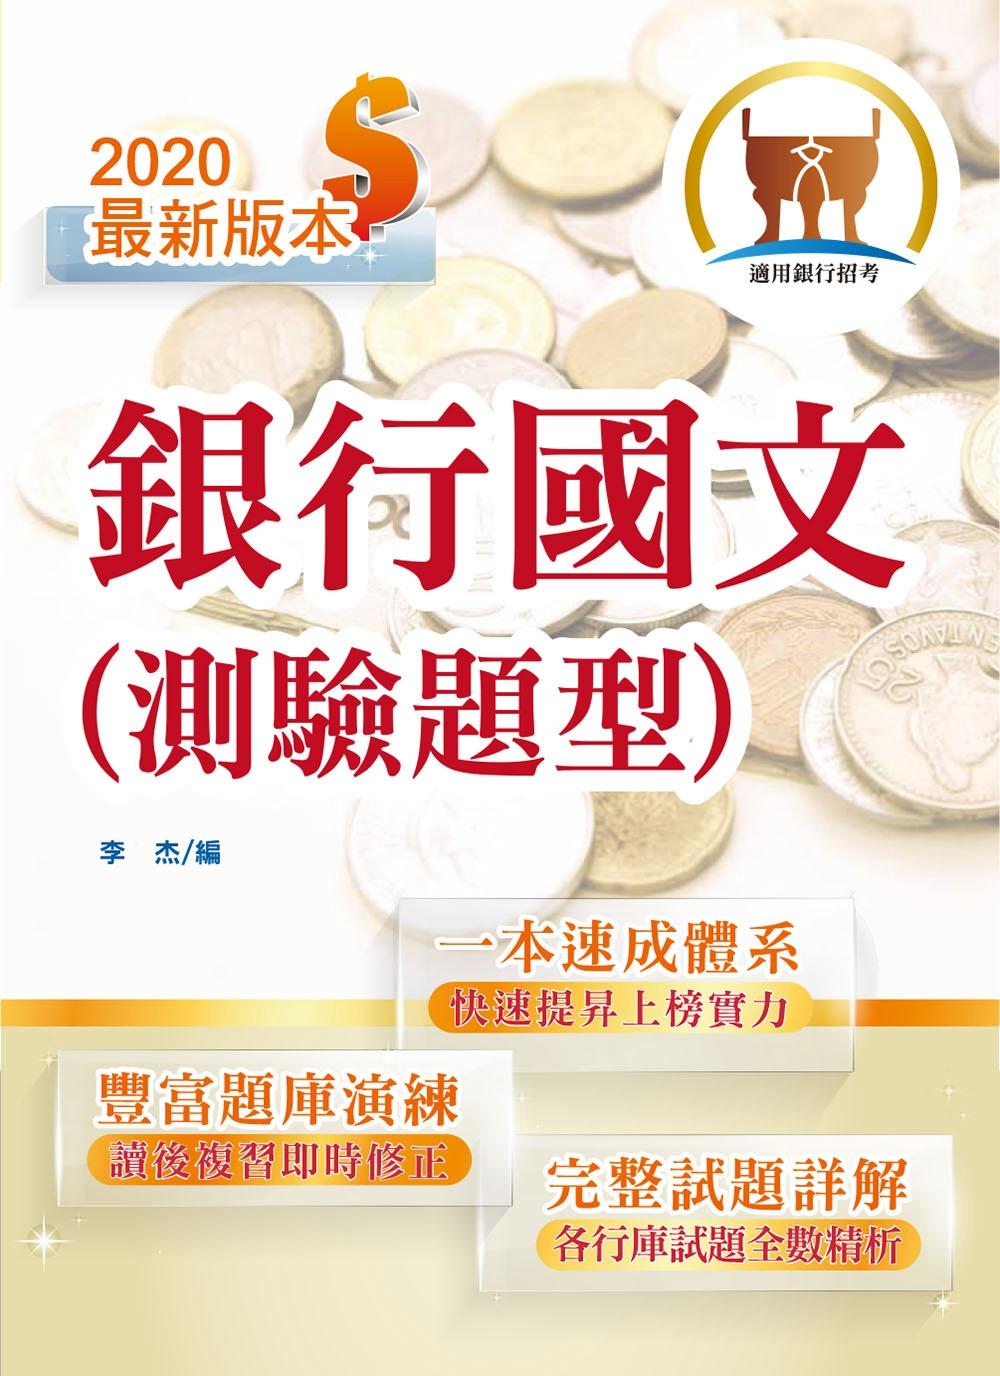 108年銀行招考~天生銀家~~銀行國文 測驗題型 ~  速成體系,短期衝刺上榜  9版